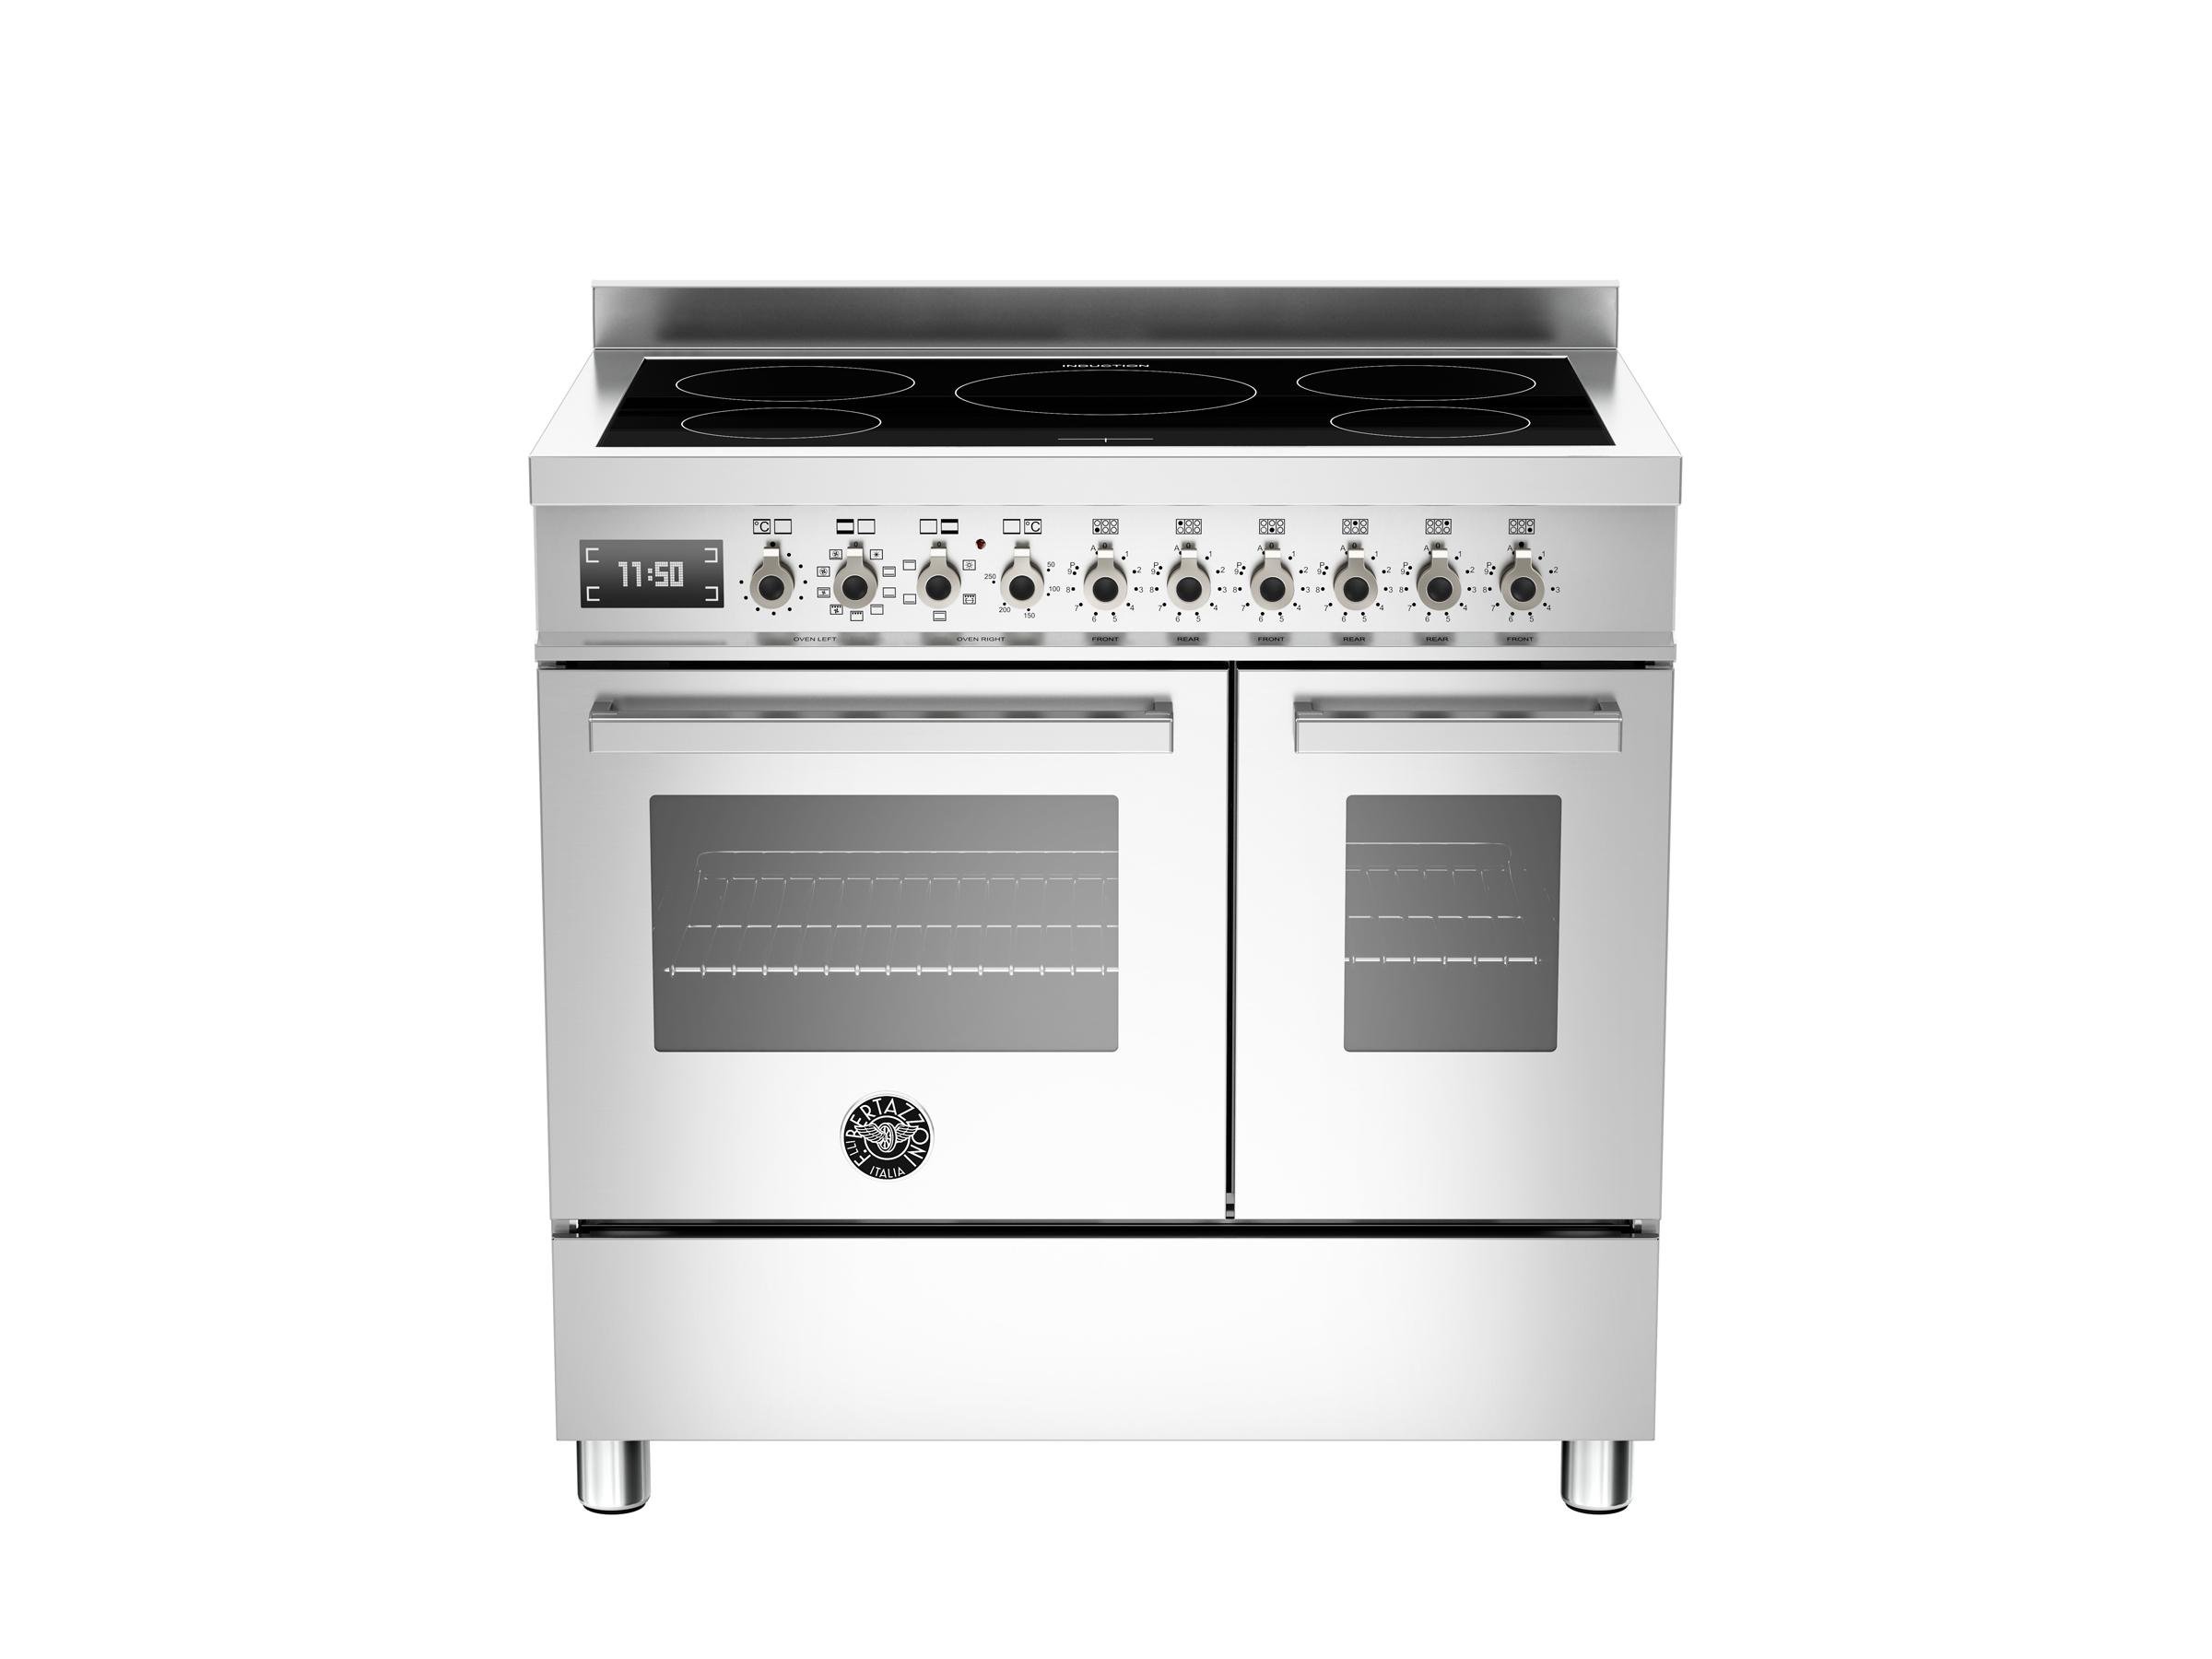 Cucina Acciaio Professionale: Cucina arredamenti decian.